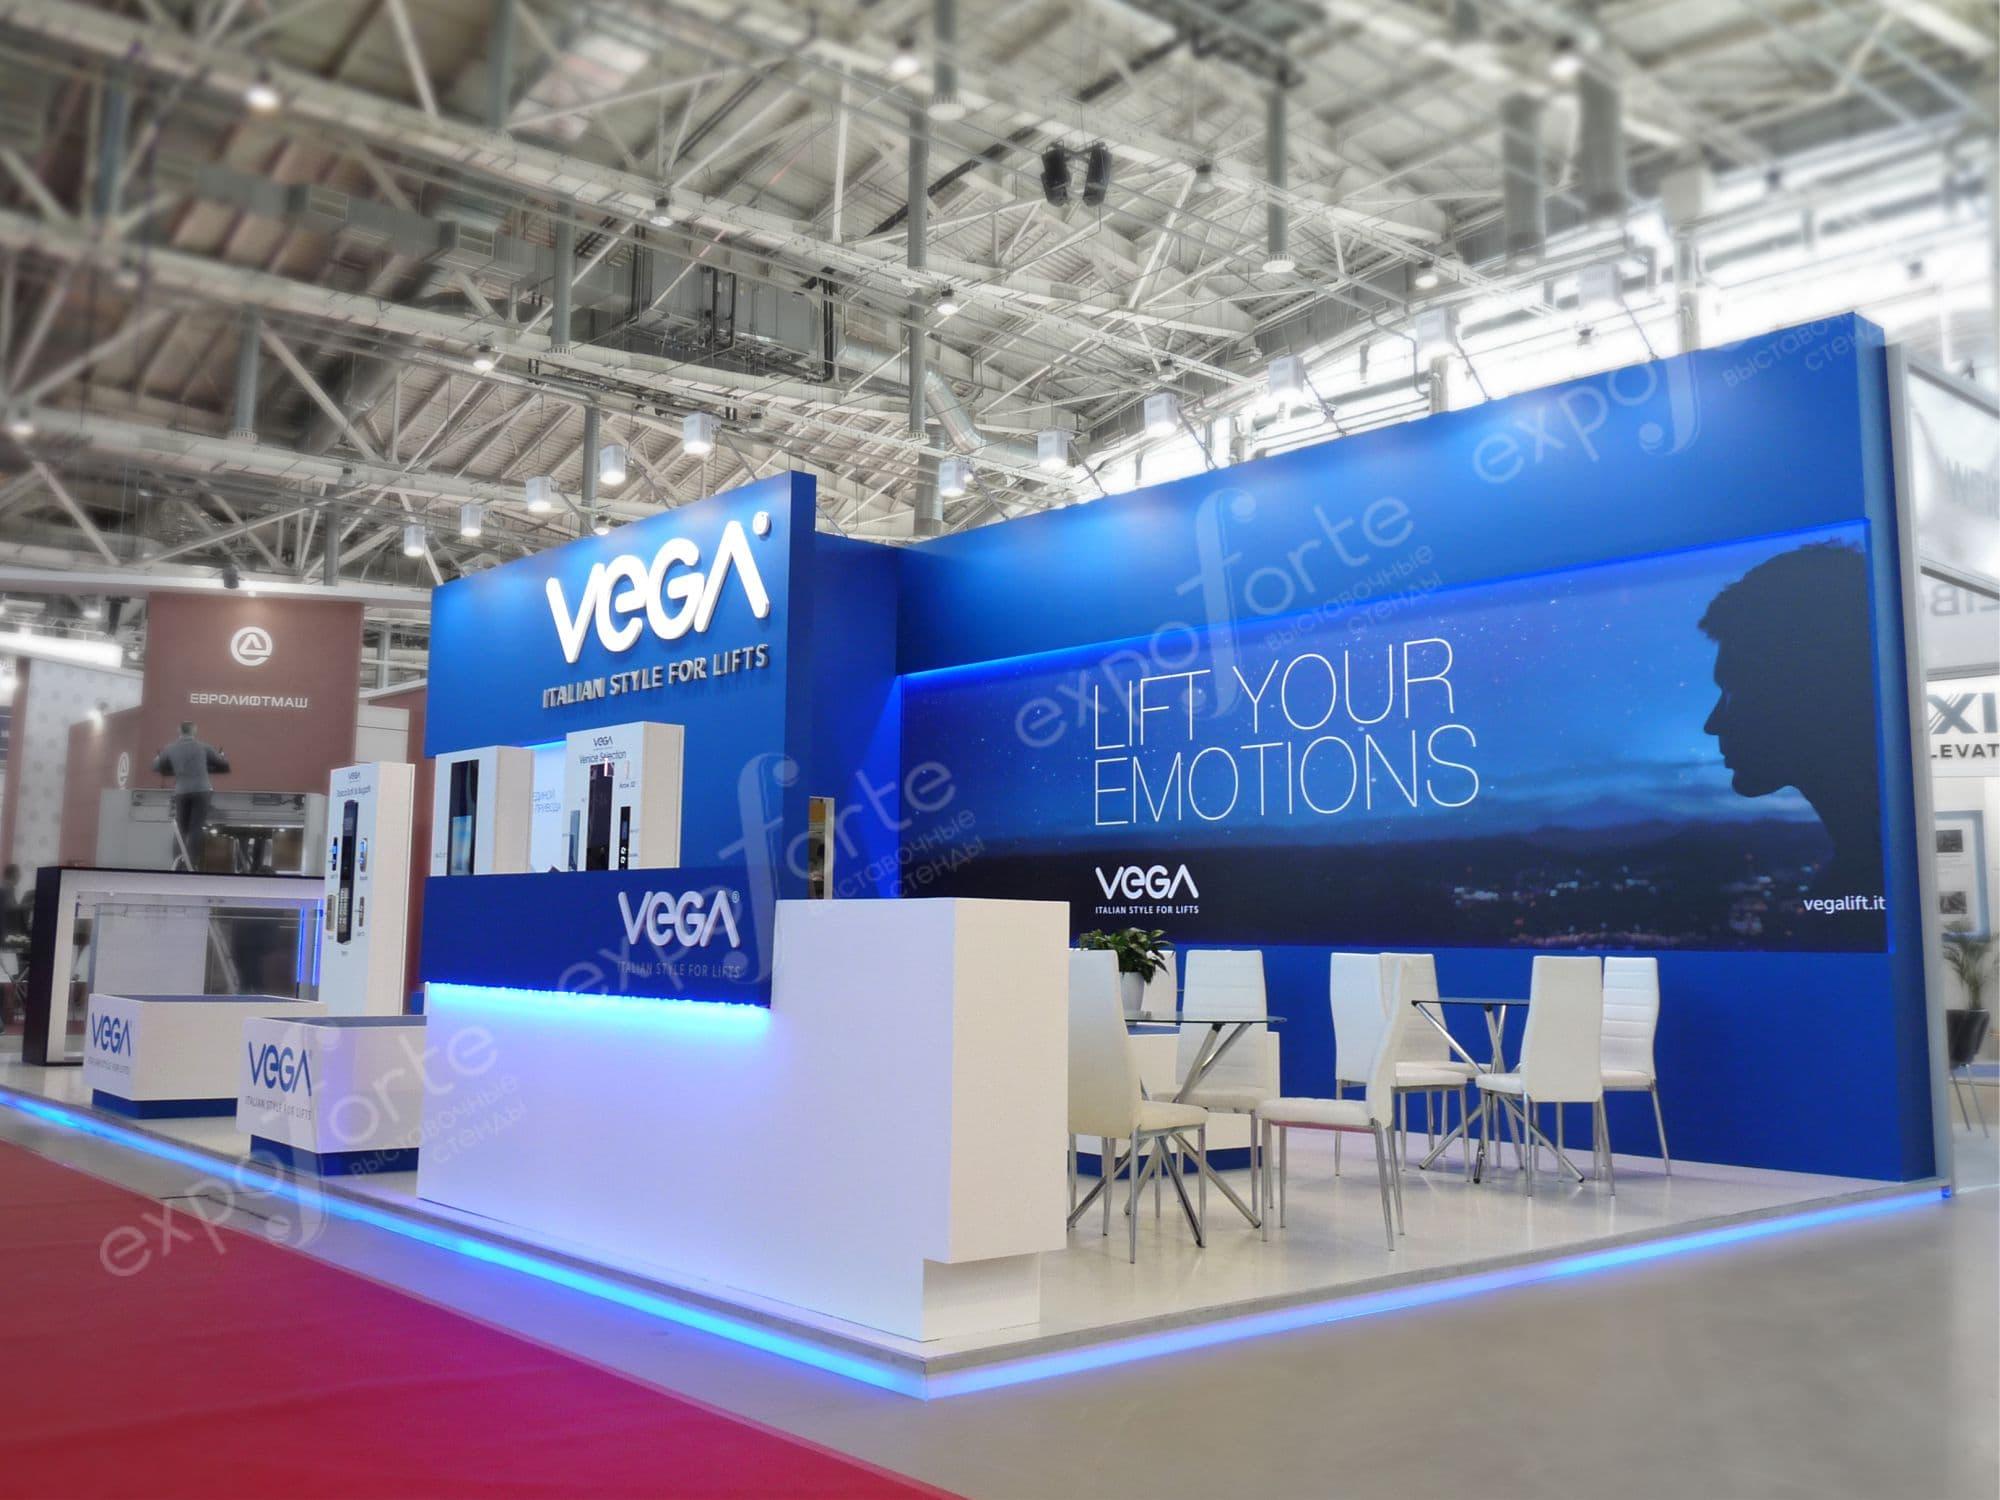 Фото: VEGA, выставка ЛИФТЫ – картинка 2